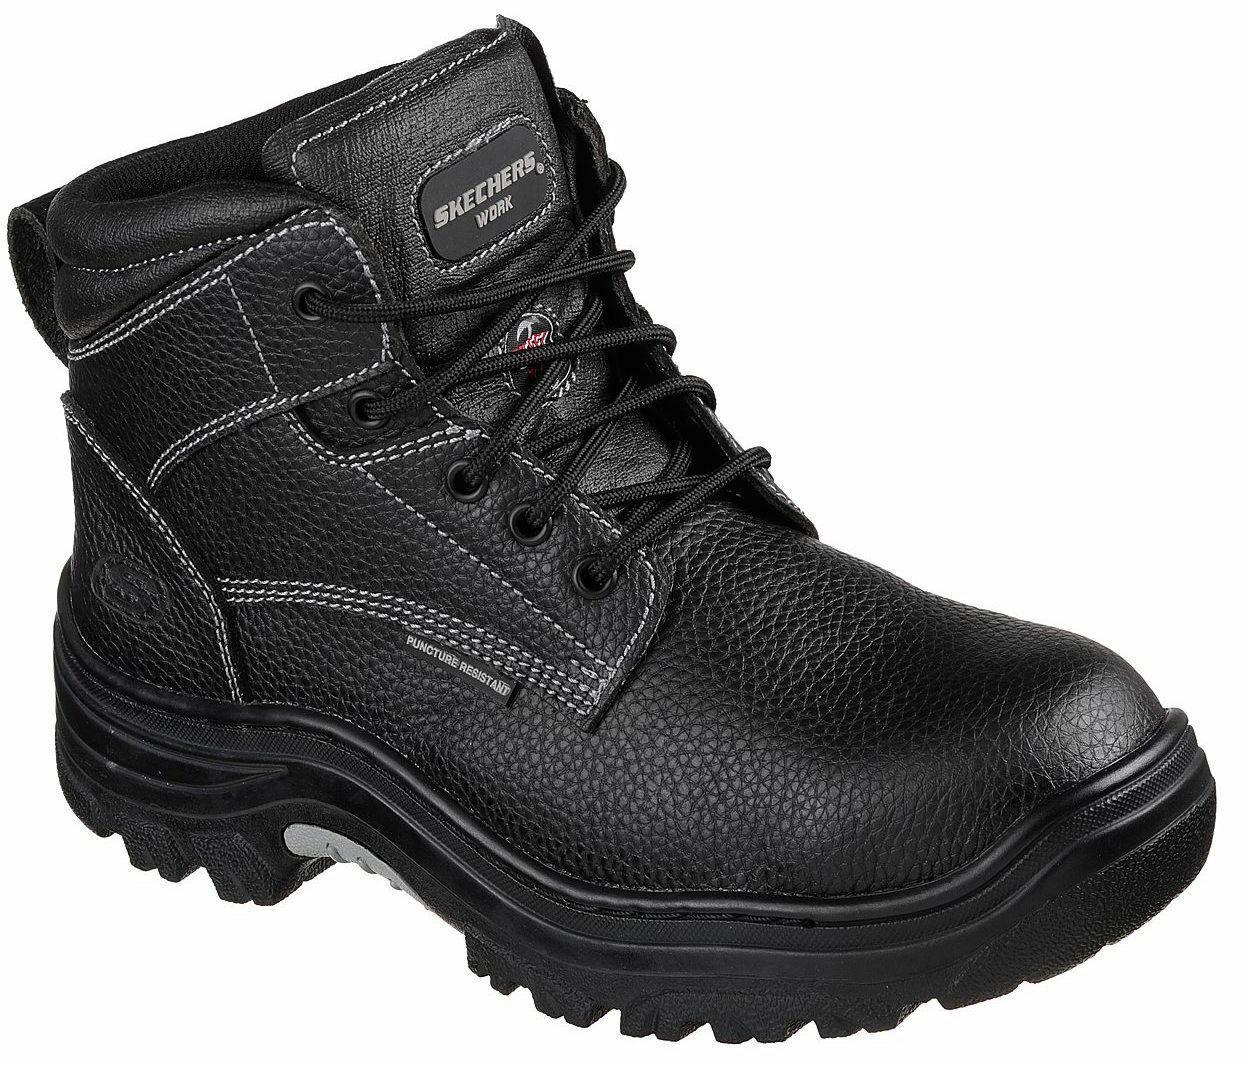 Para Hombre Skechers Trabajo Seguridad Burgin agraria Negro botas De Puntera De Acero [77143 negro]